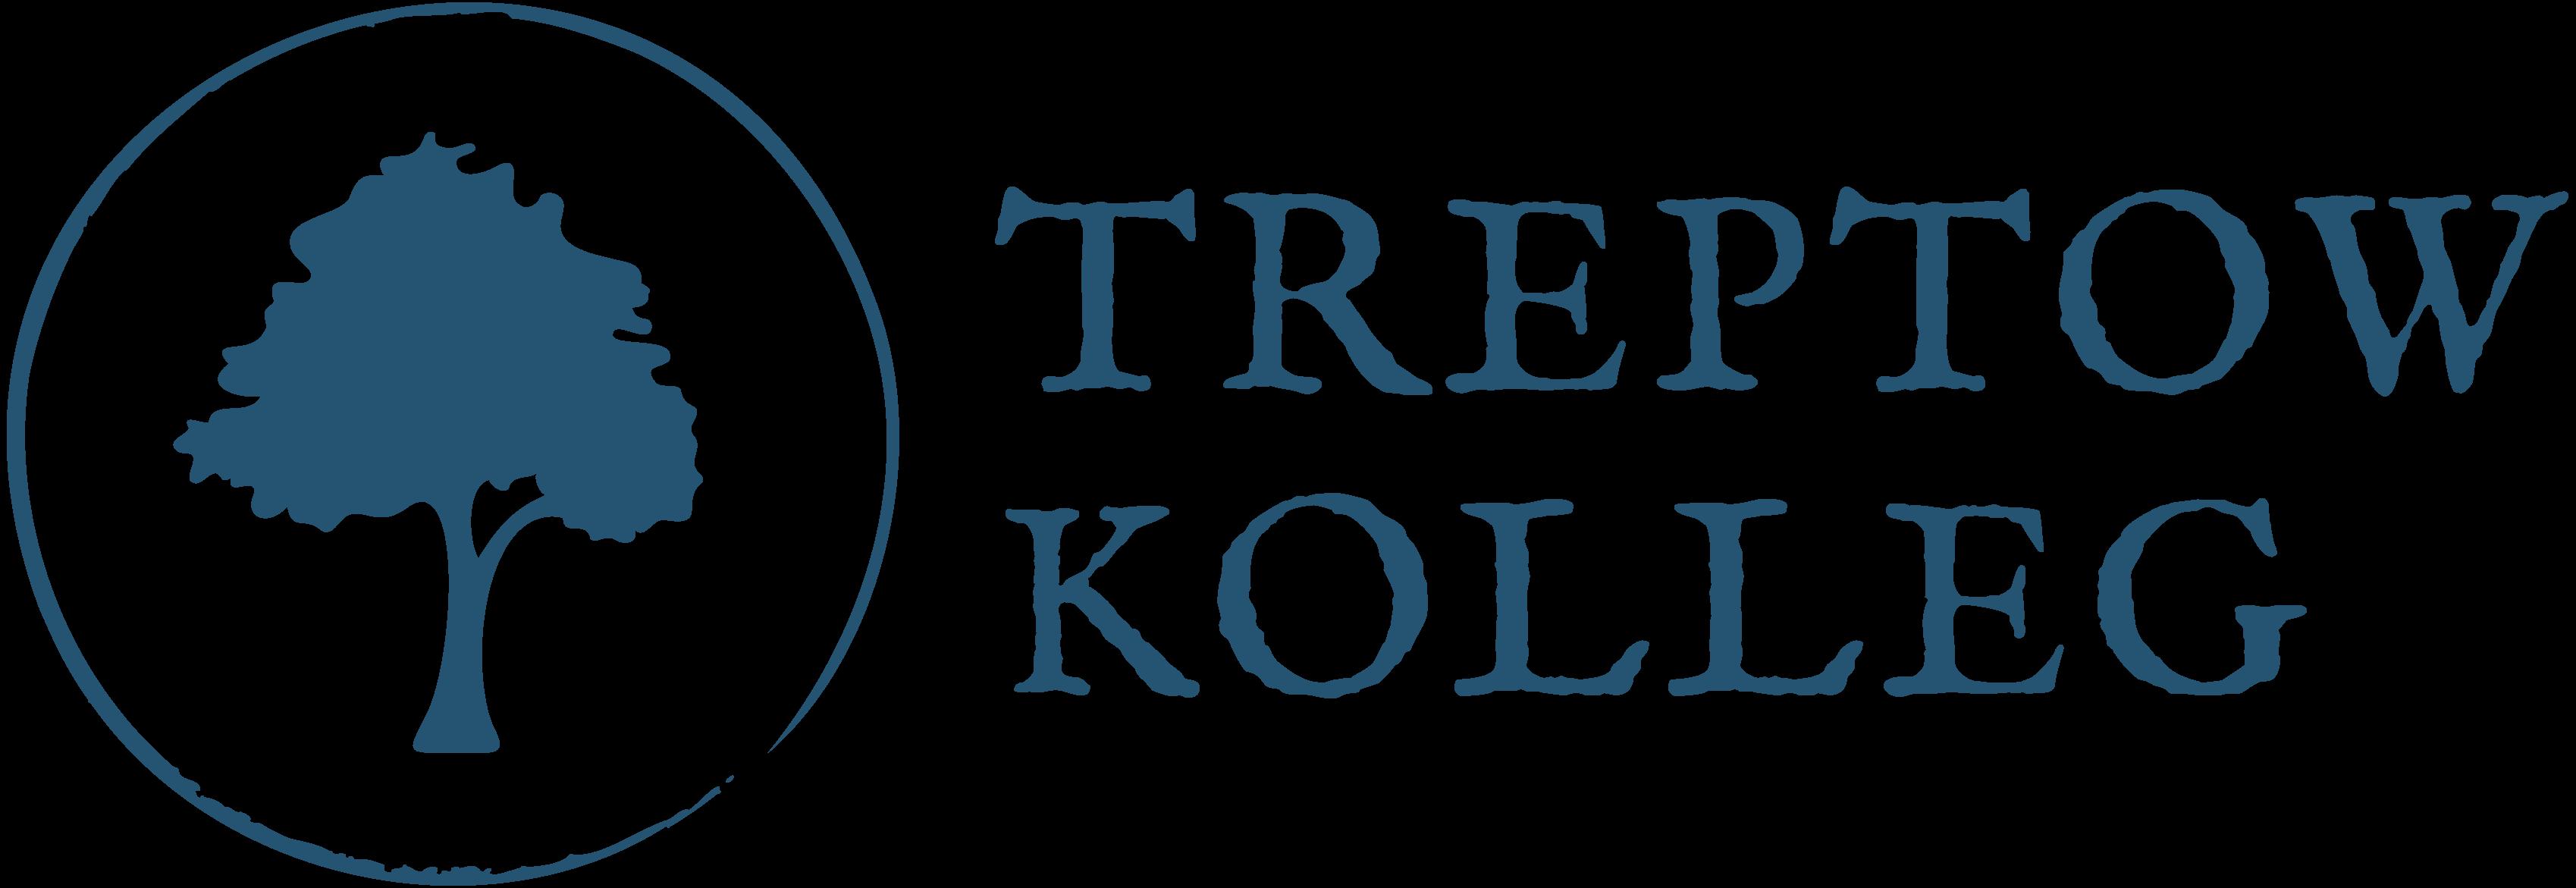 Treptow-Kolleg